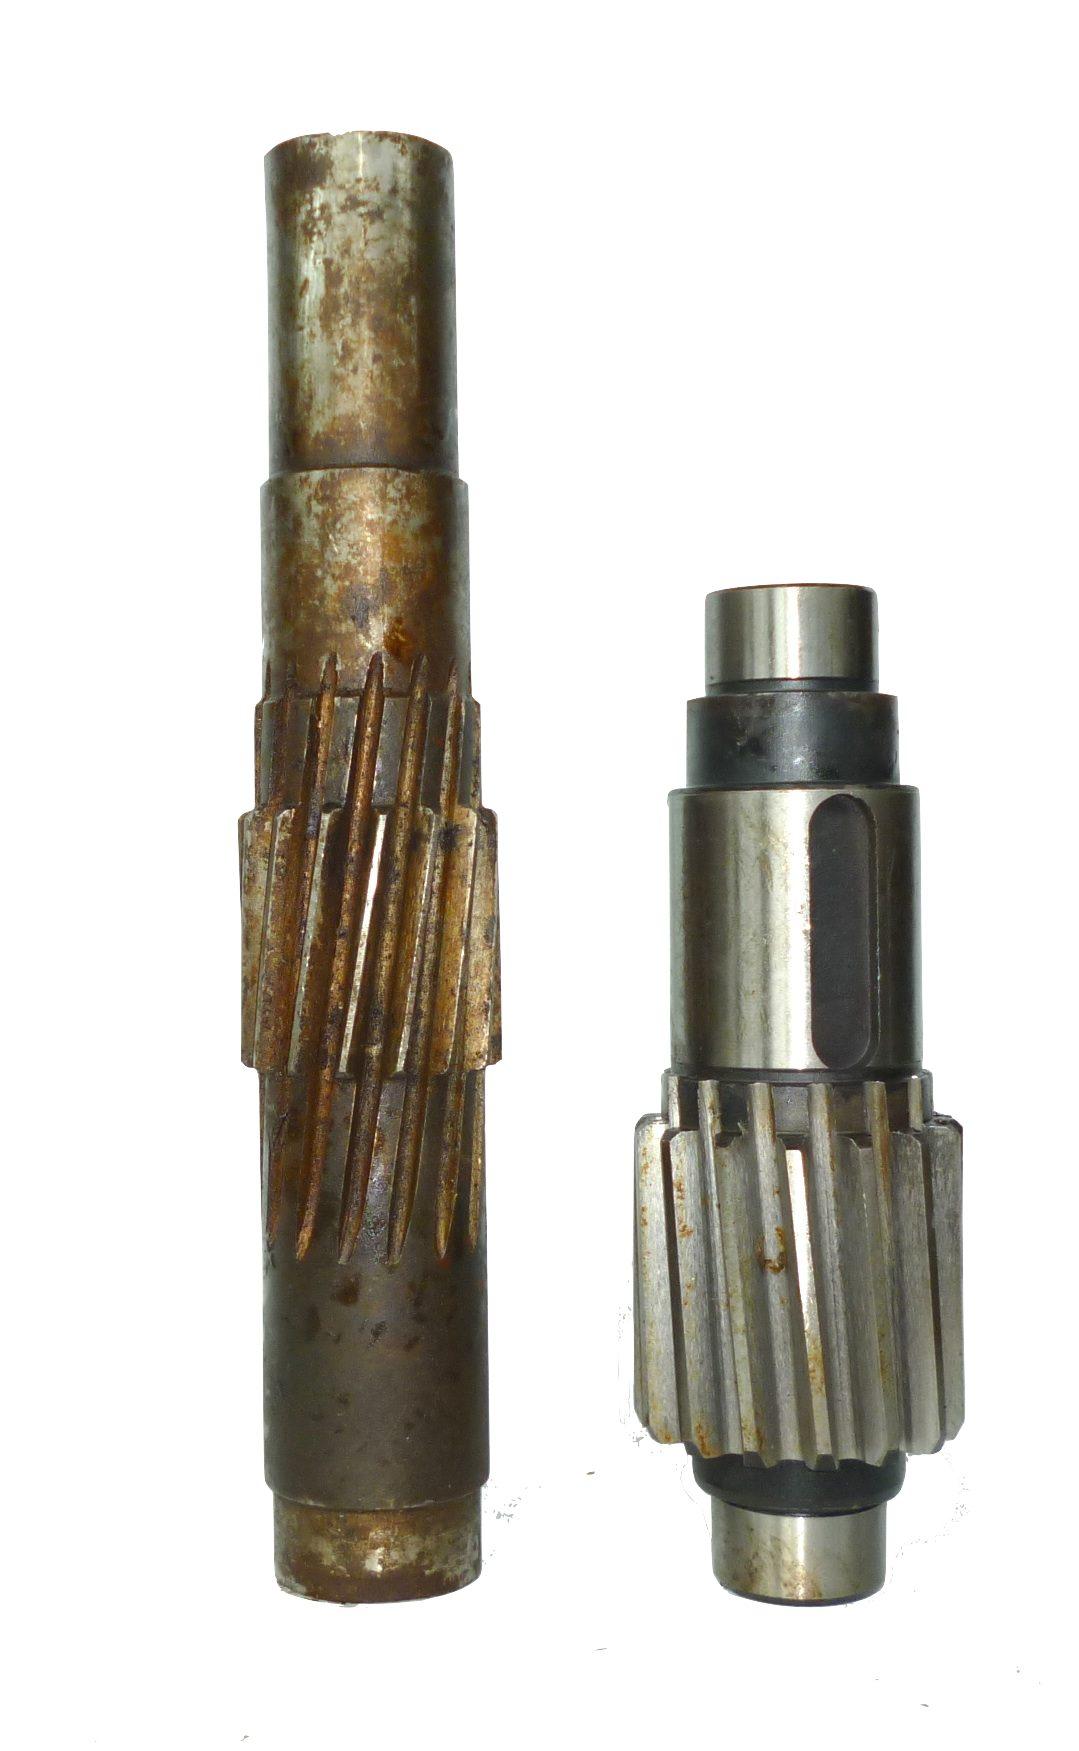 Mech nm 4-40 nožnice dlhý hriadeľ